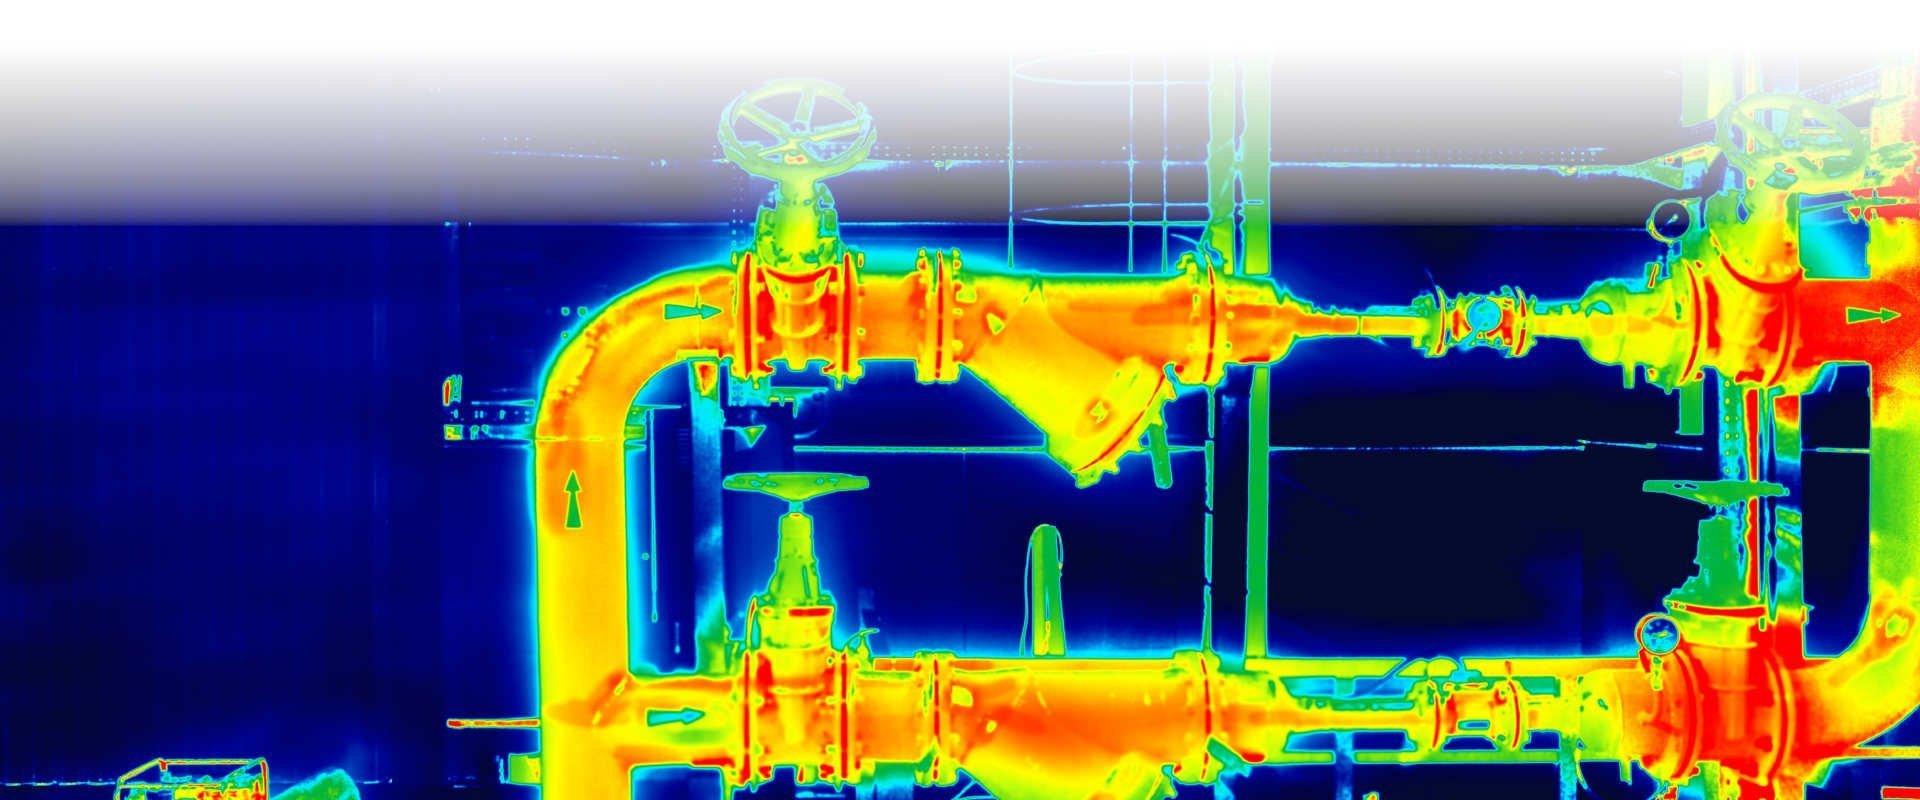 Imagen termográfica de tuberías